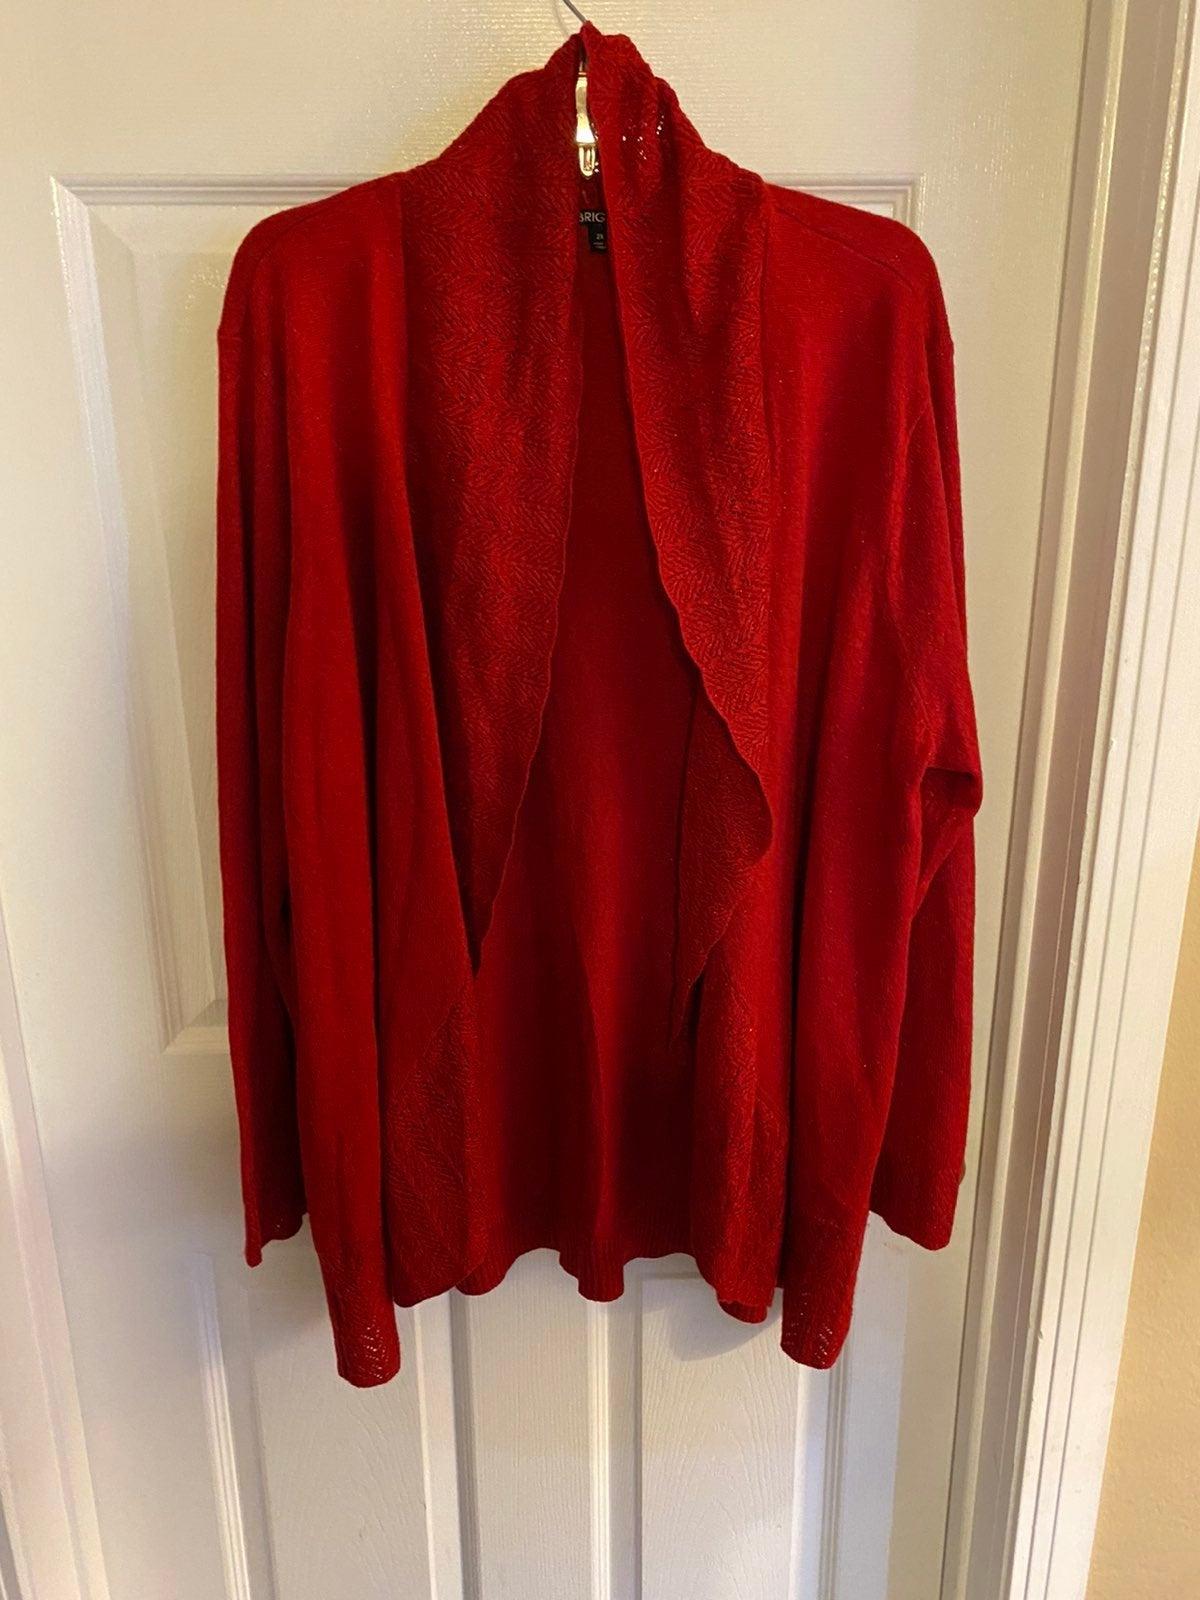 Briggs 2XL Red Cardigan Sweater plus